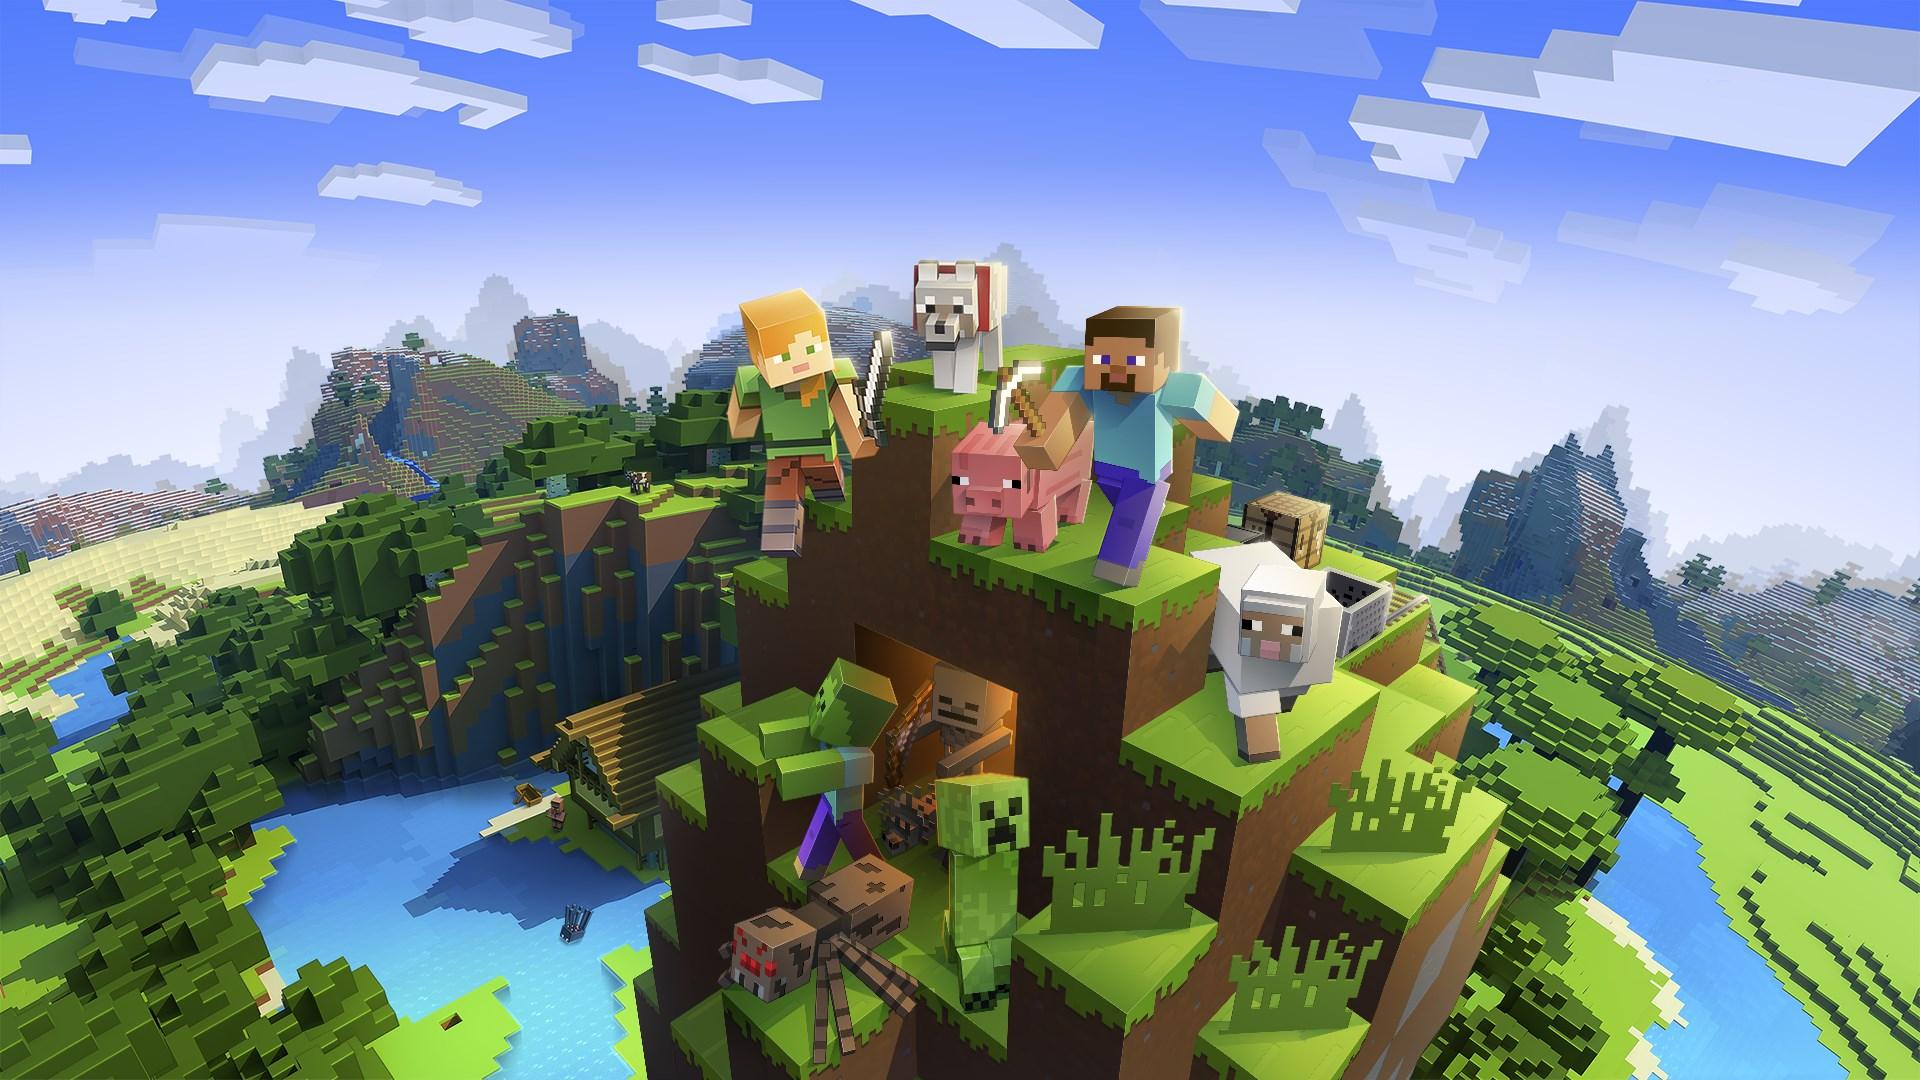 Игра Lego Minecraft теперь имеет 112 миллионов активных игроков в месяц